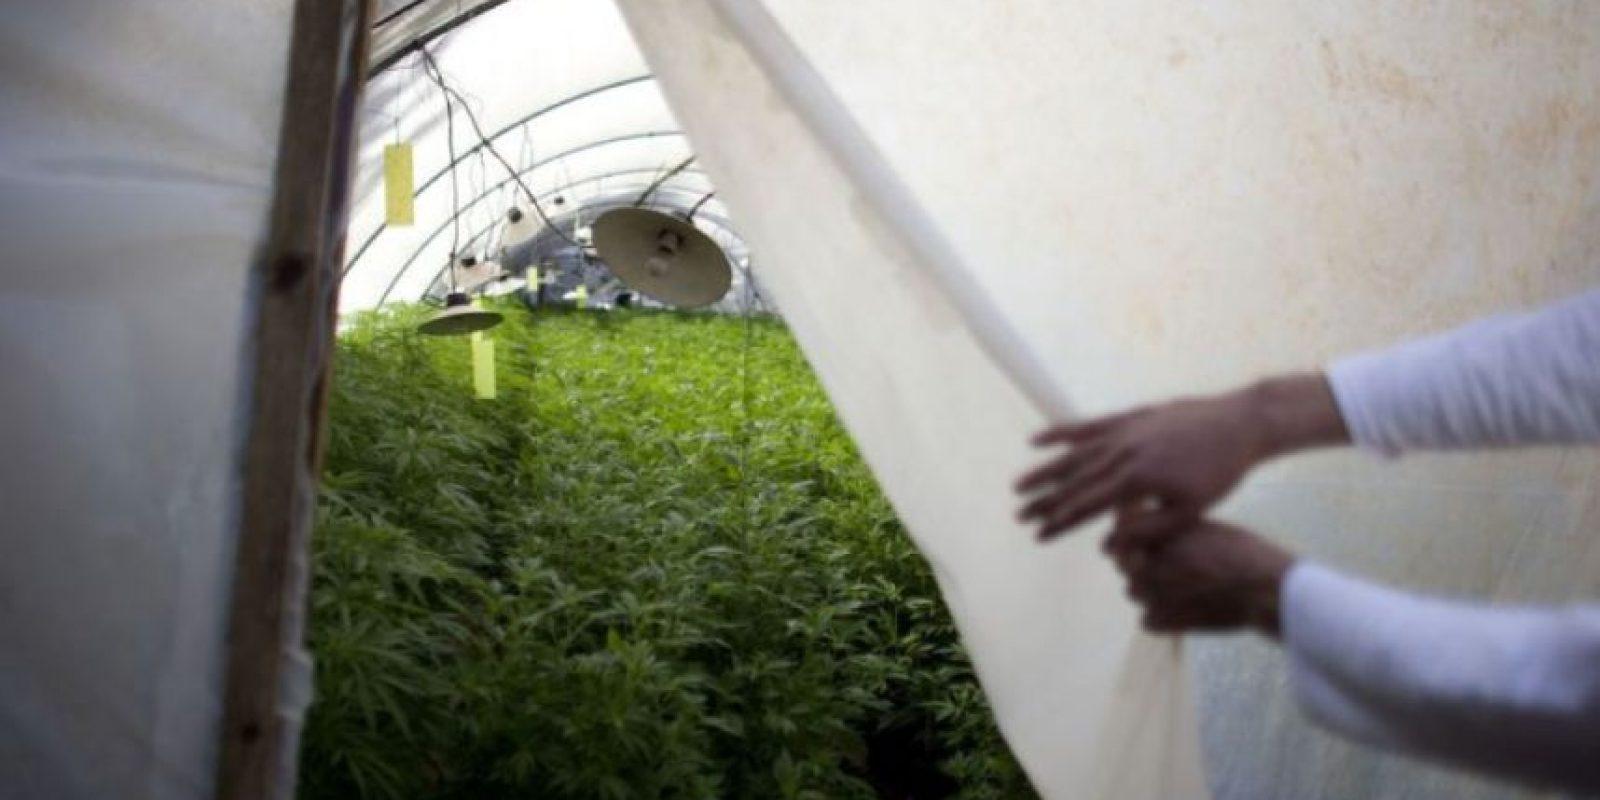 Se convirtió en el primer país de América Latina en legalizar el consumo de marihuana con fines médicos. El país actualmente cuenta con plantaciones destinadas al tratamiento de pacientes de cáncer. Foto:vía Getty Images